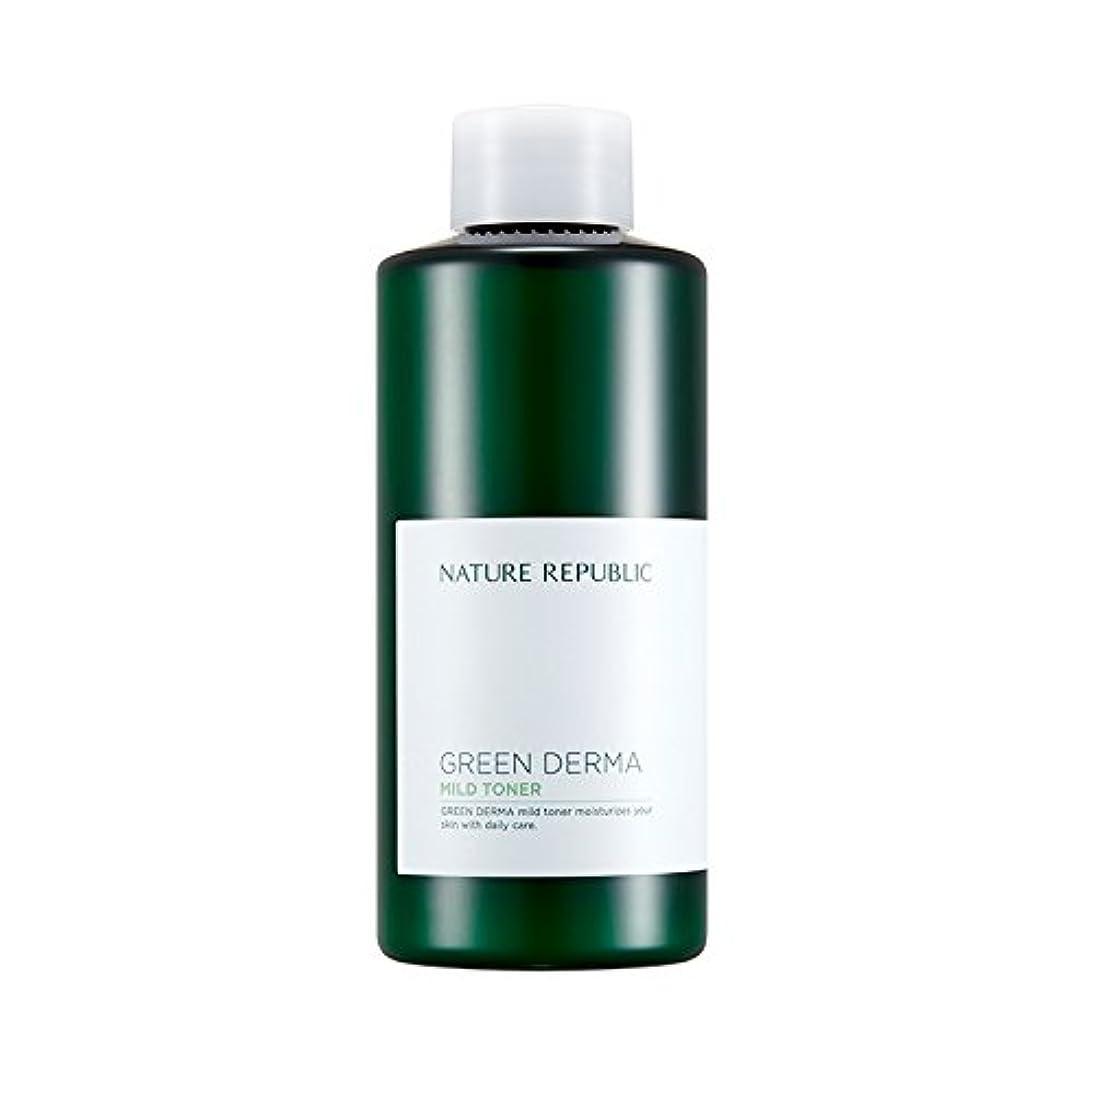 誤テセウス助けになるNATURE REPUBLIC Green Derma Mild Toner / ネイチャーリパブリック グリーンダーママイルドトナー 200ml [並行輸入品]